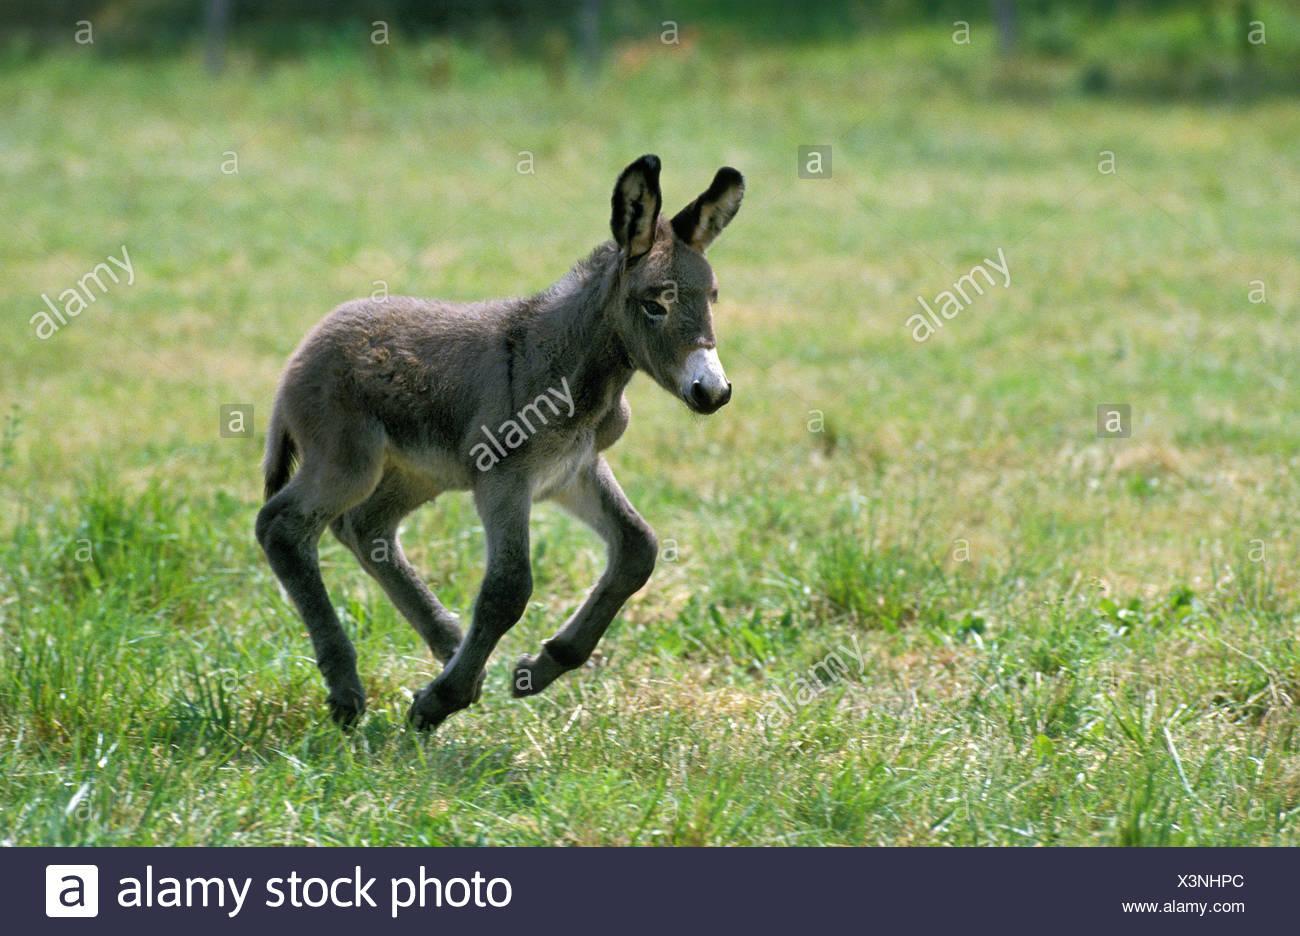 Poitou donkey, galloping foal, Stock Photo